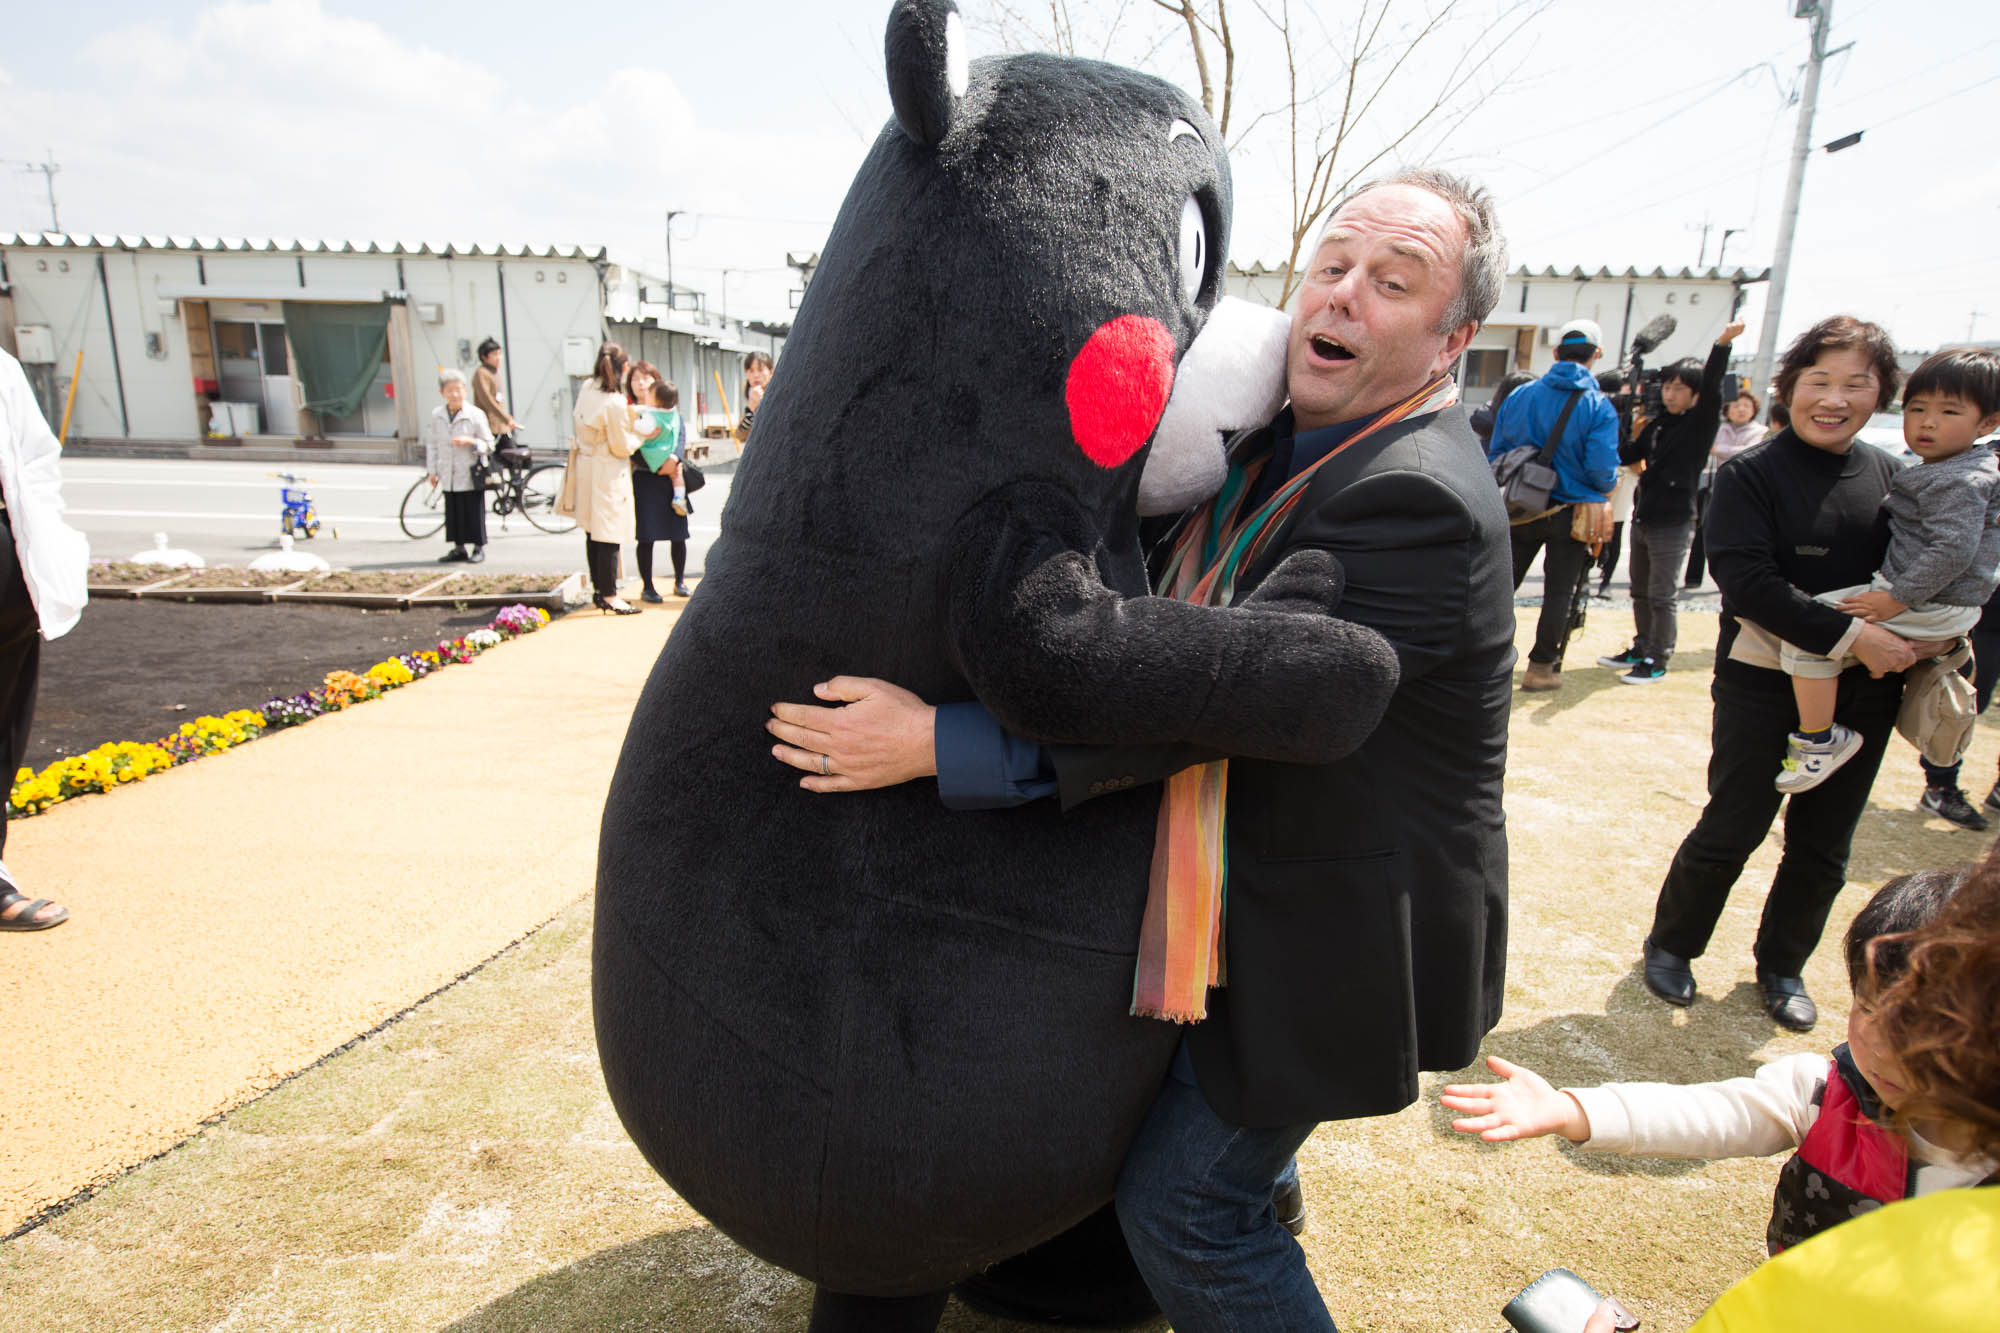 くまモンと戯れるマークさん Mark Dytham having a hug with Kumamon